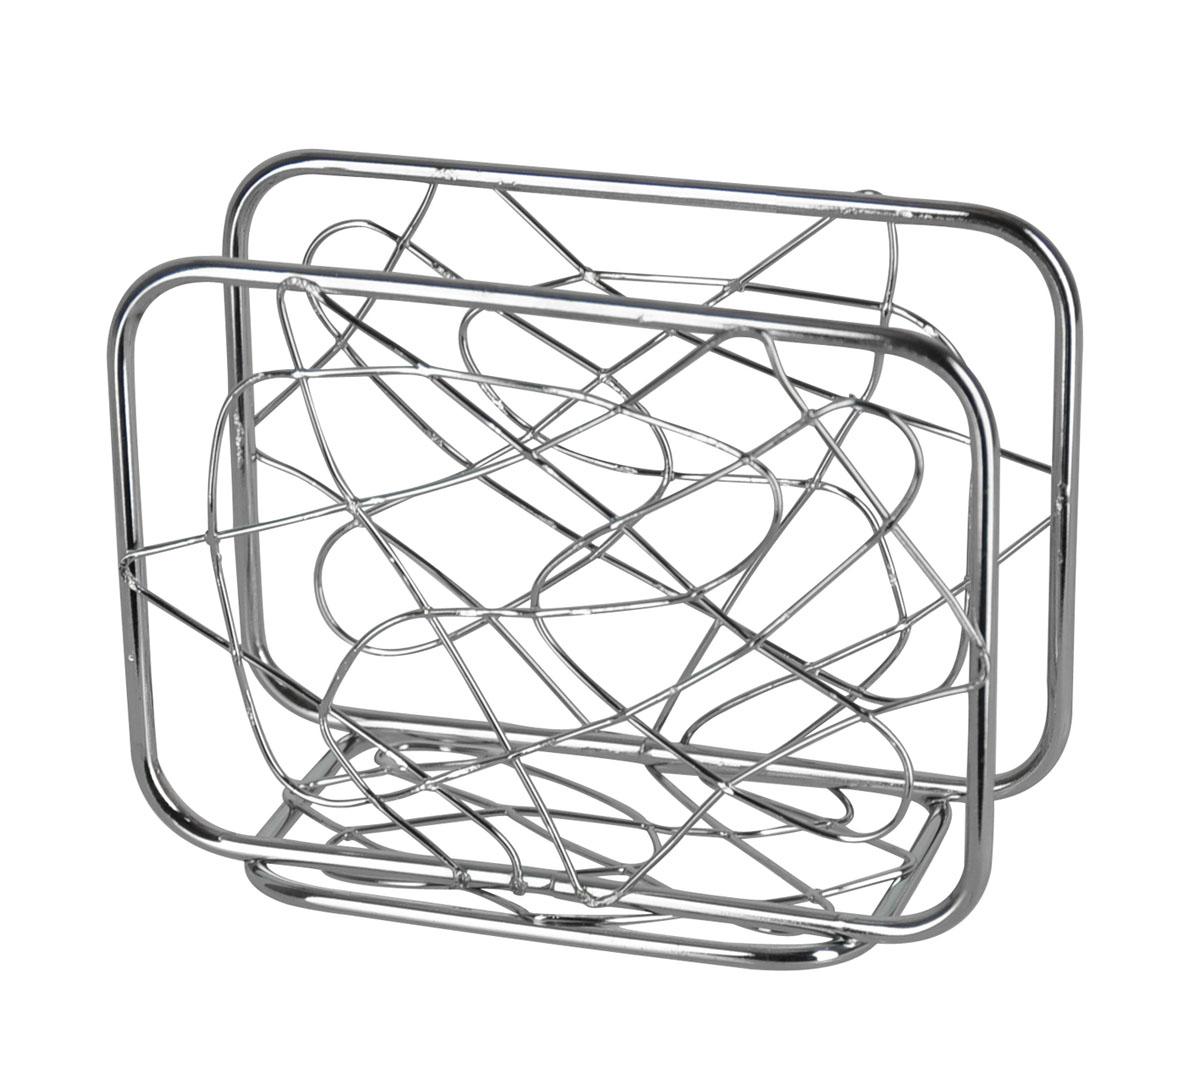 Салфетница Trina. 93-TR-02-0693-TR-02-06Салфетница Trina - это целое произведение искусства выполненное из прутка. Замысловатые завитки позволяют выглядеть салфетнице очень стильно и воздушно. Приобретите этот предмет сервироки и увидите, как приобразиться Ваш стол. Характеристики:Материал:хромированная сталь. Размер: 12 см х 9 см х 6 см. Размер упаковки: 12,5 см х 9,5 см х 6,5 см. Производитель: Италия. Артикул:93-TR-02-06.